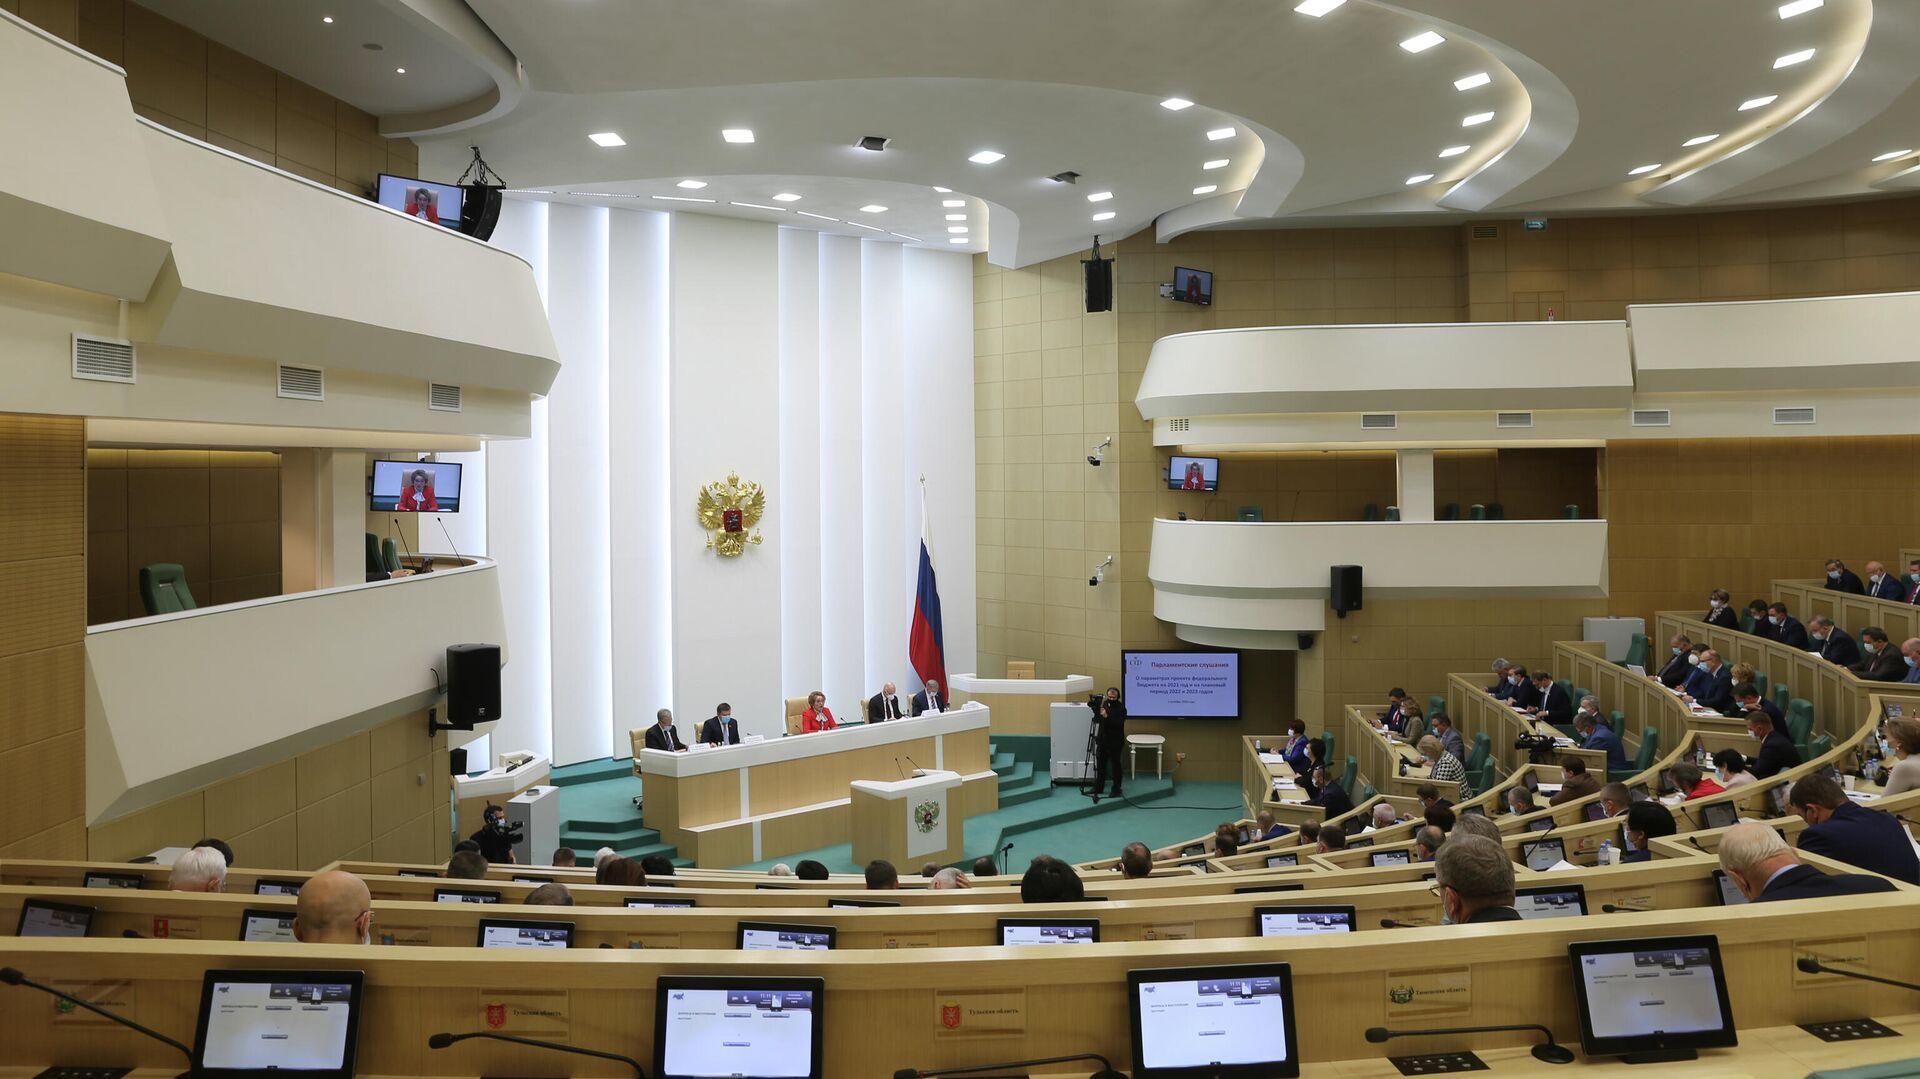 Сенаторы во время парламентских слушаний О параметрах проекта федерального бюджета на 2021 год и на плановый период 2022 и 2023 годов - РИА Новости, 1920, 29.10.2020